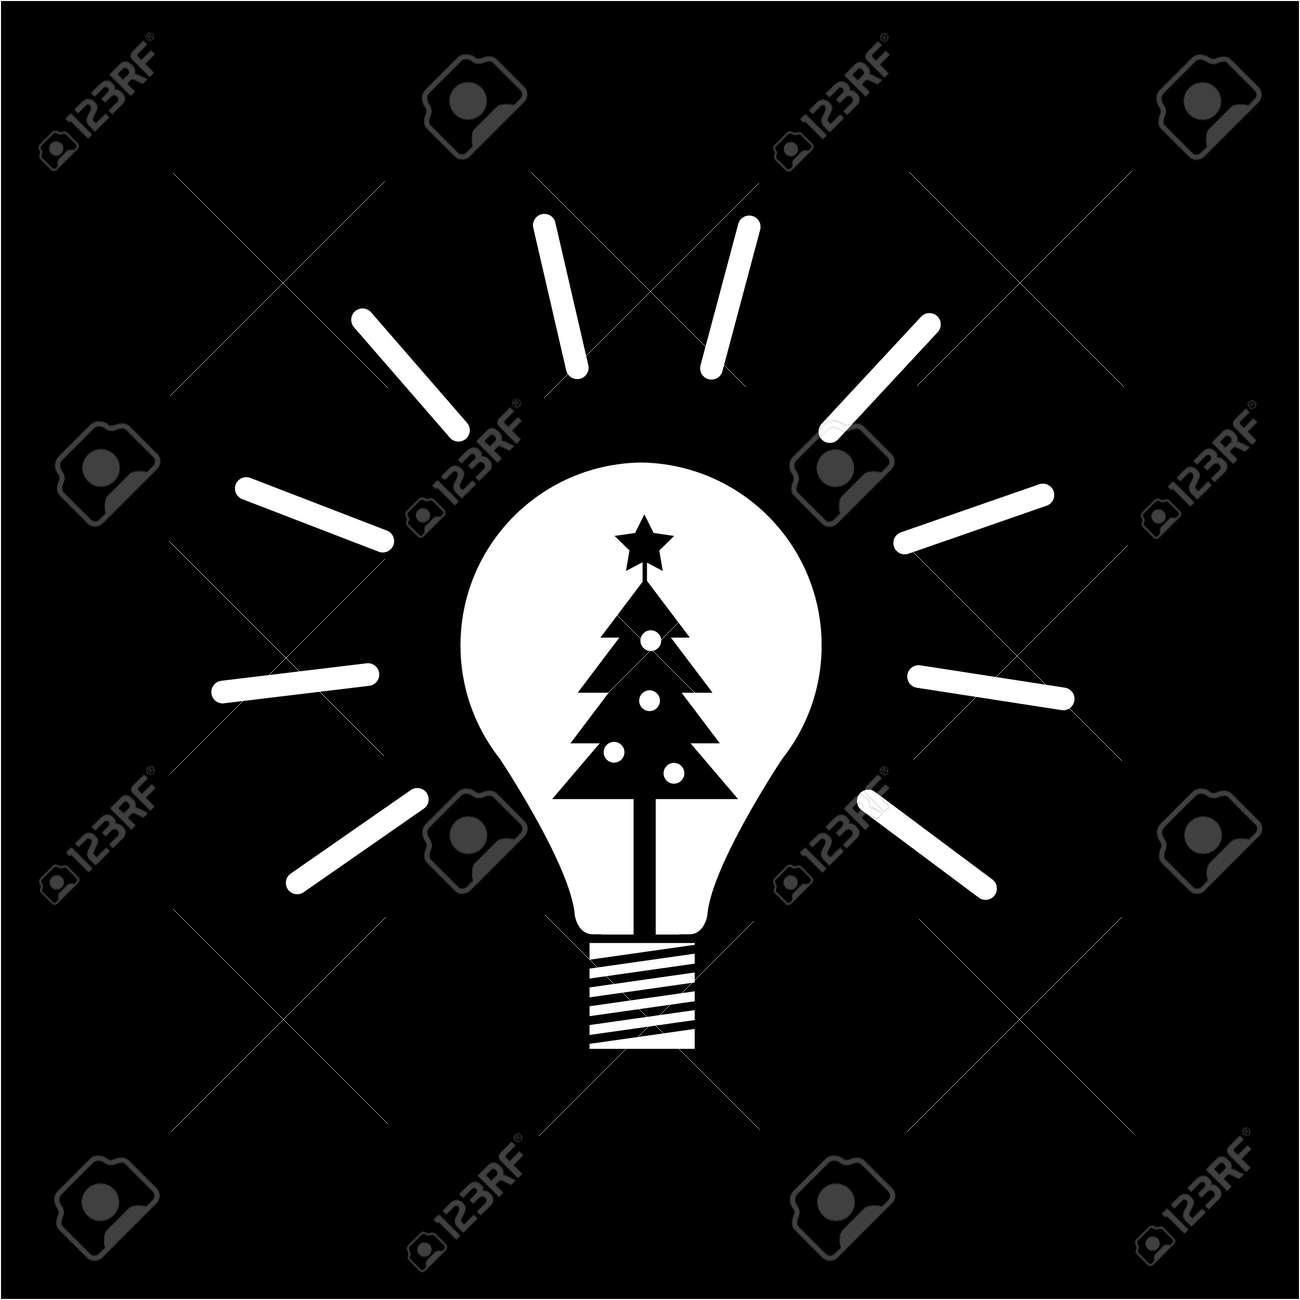 Vector Neue Idee Symbol Glühbirne Mit Weihnachtsbaum Innen   Weiße ...